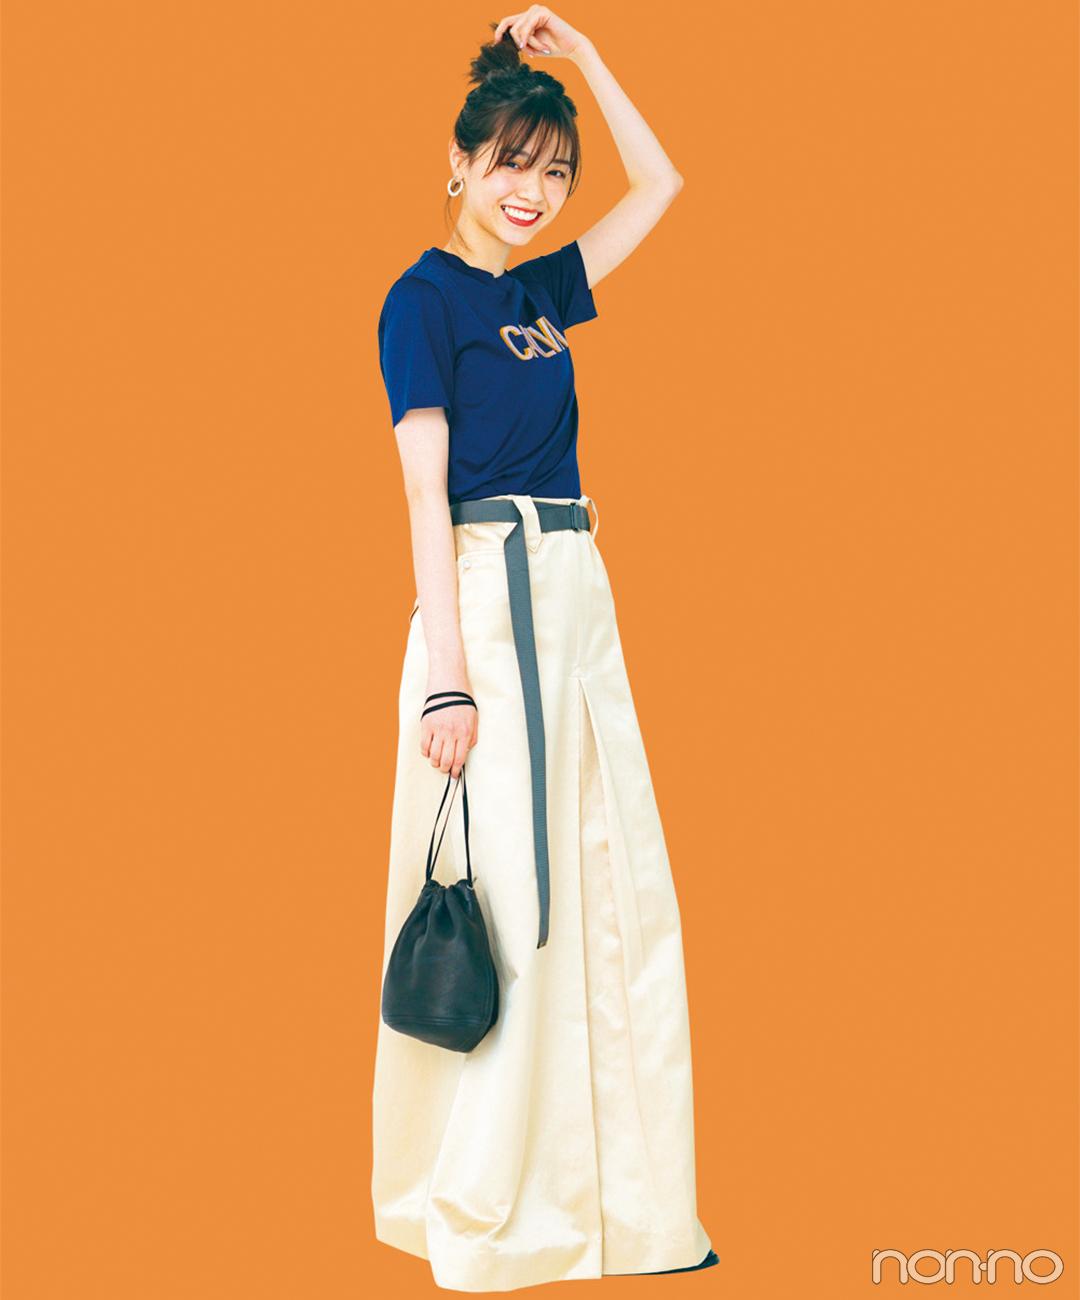 西野七瀬はコンパクトTシャツとワイドパンツでメリハリバランス【毎日コーデ】_1_1